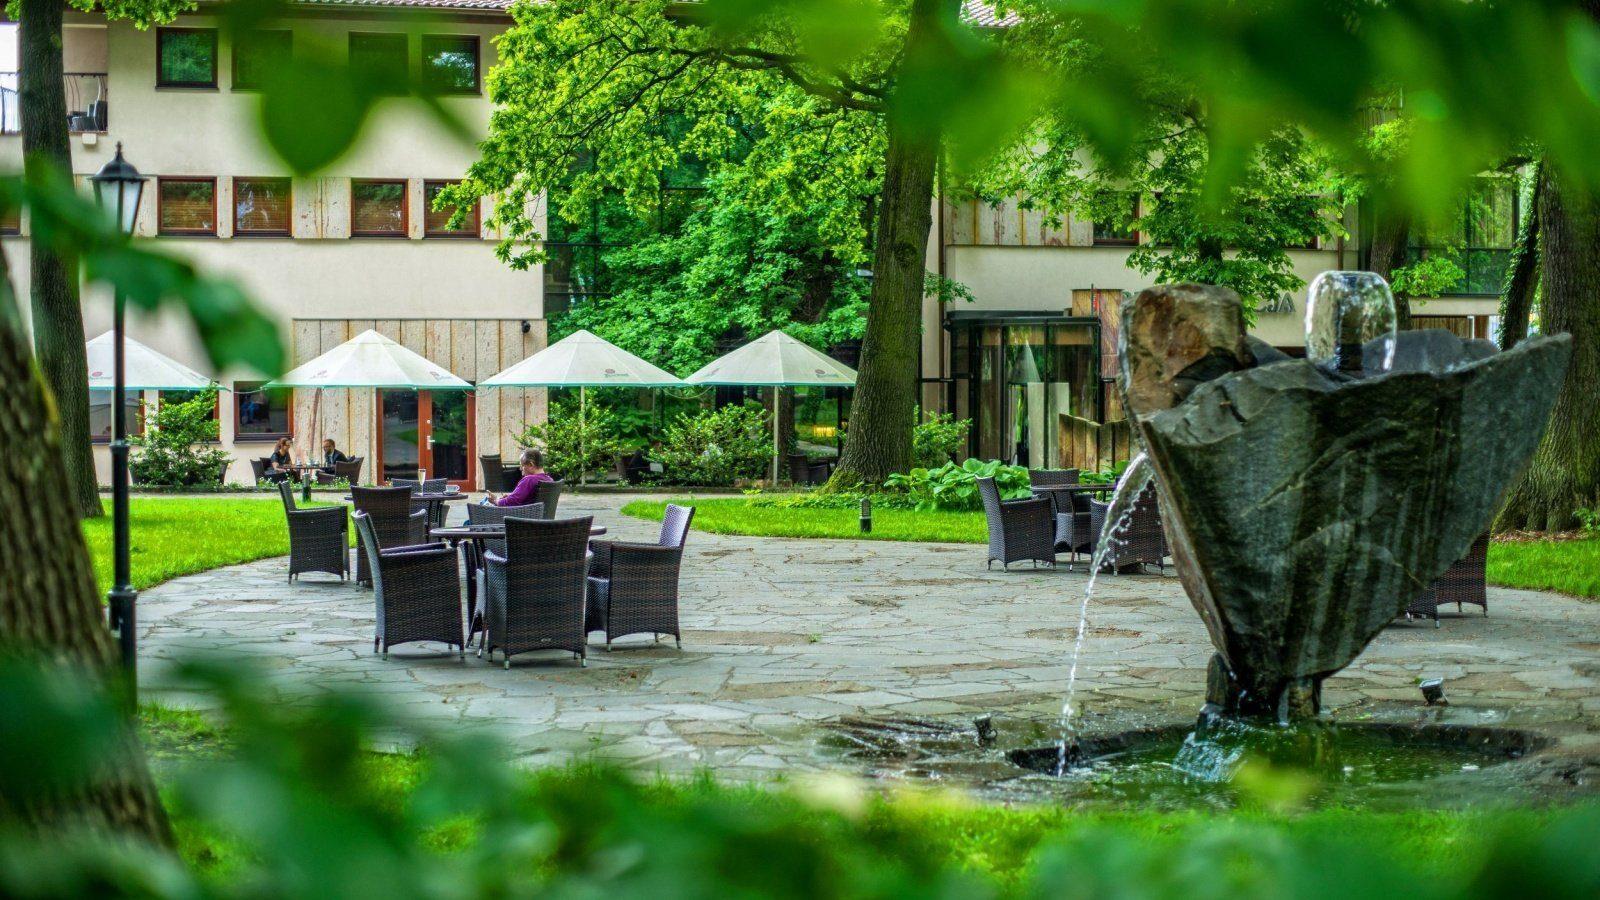 PARK/park1.jpg